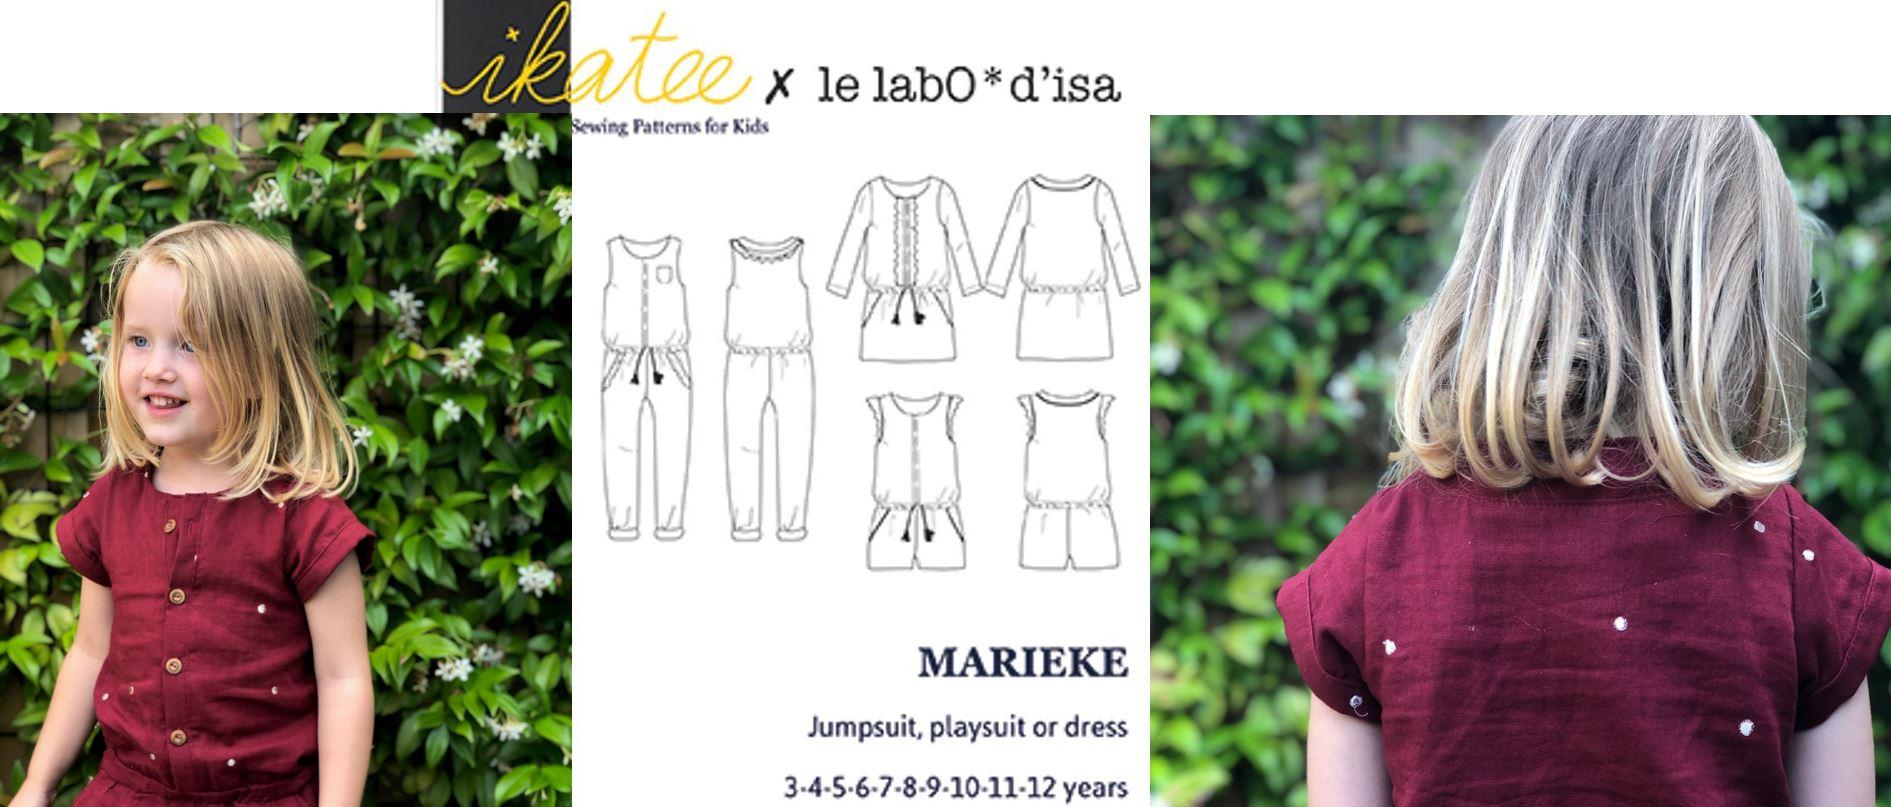 Ikatee – Marieke naaipatroon